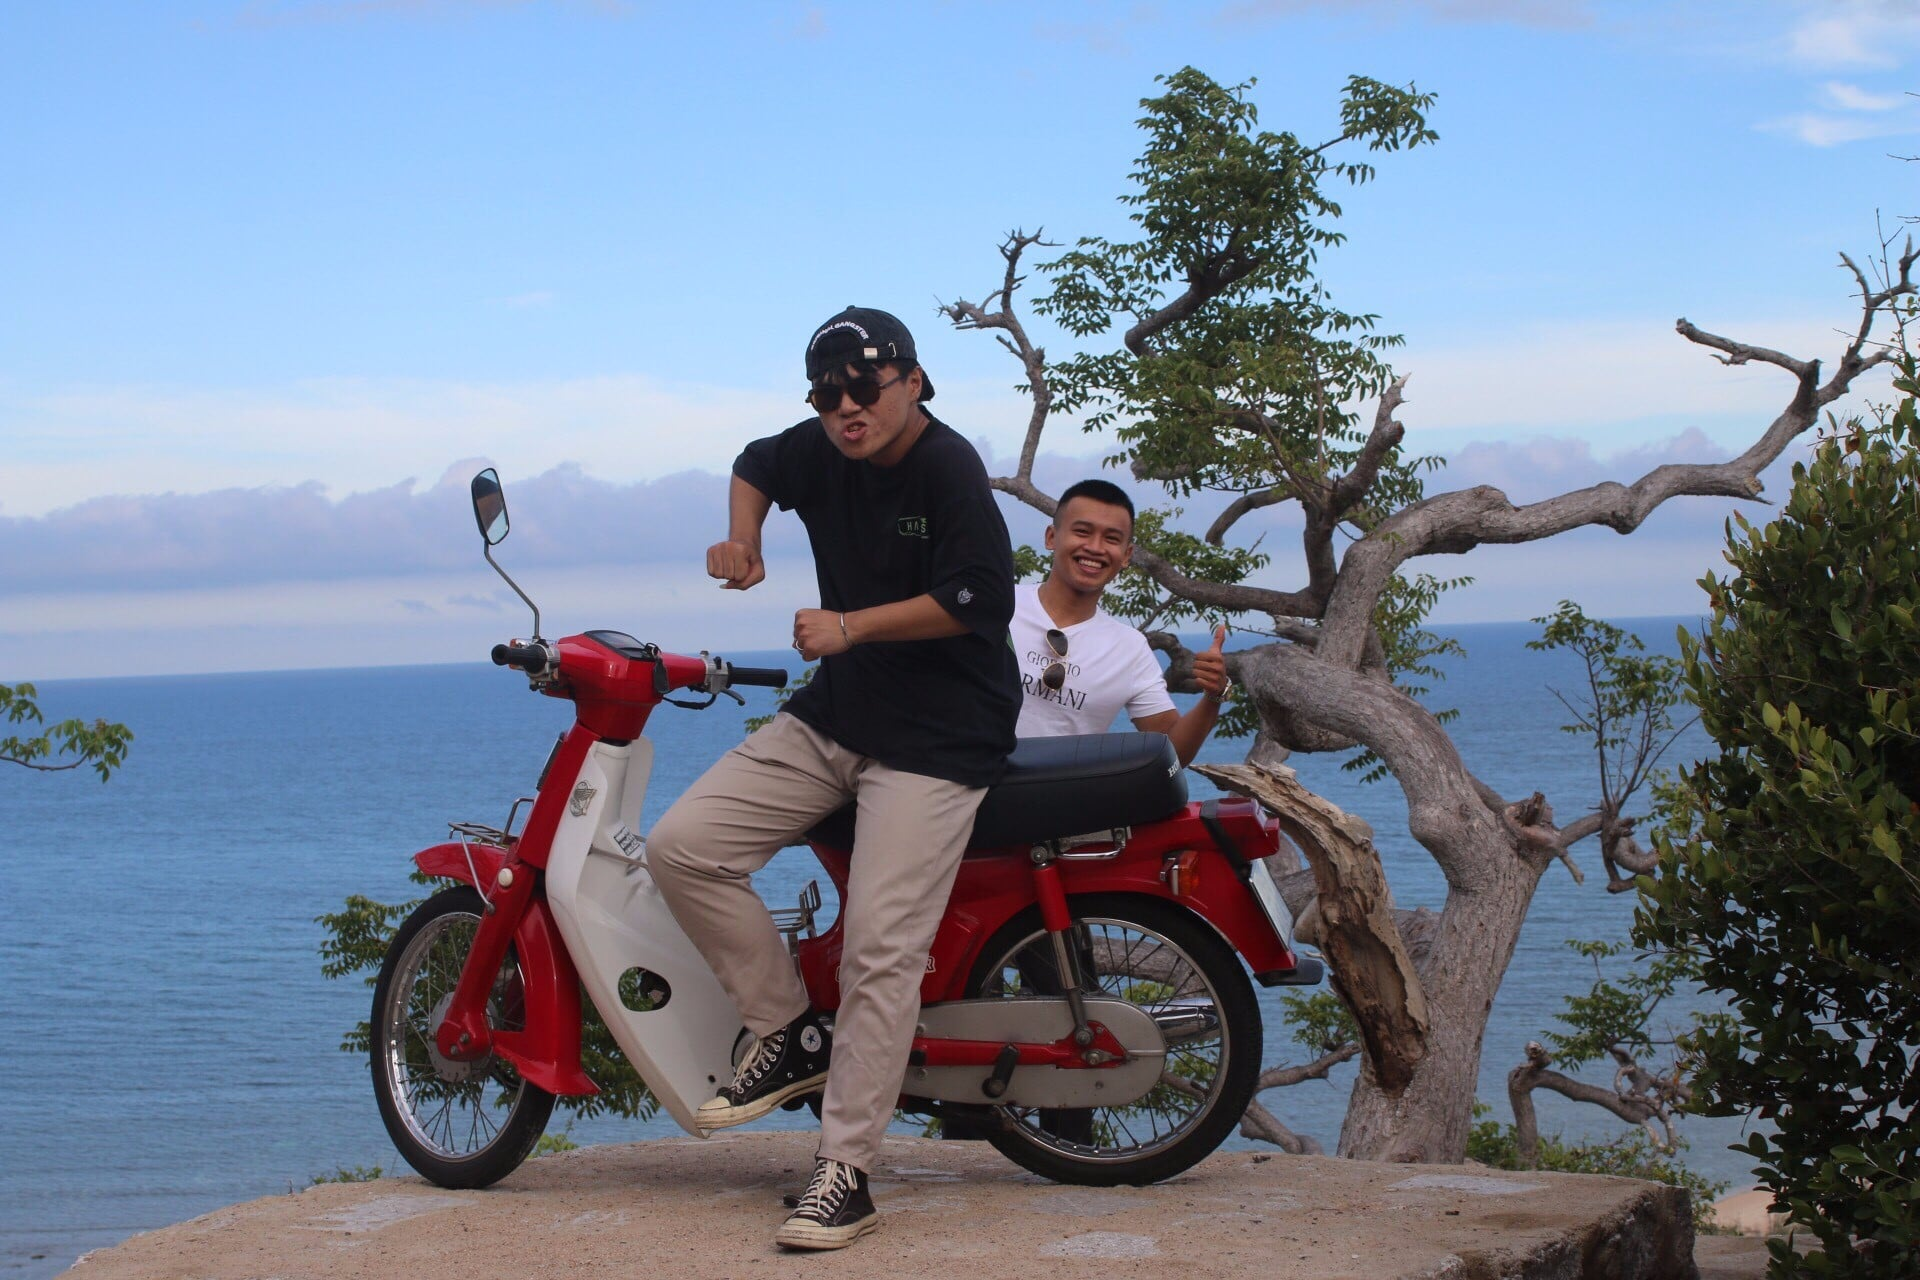 Thuê xe máy di chuyển ở vịnh Vĩnh Hy